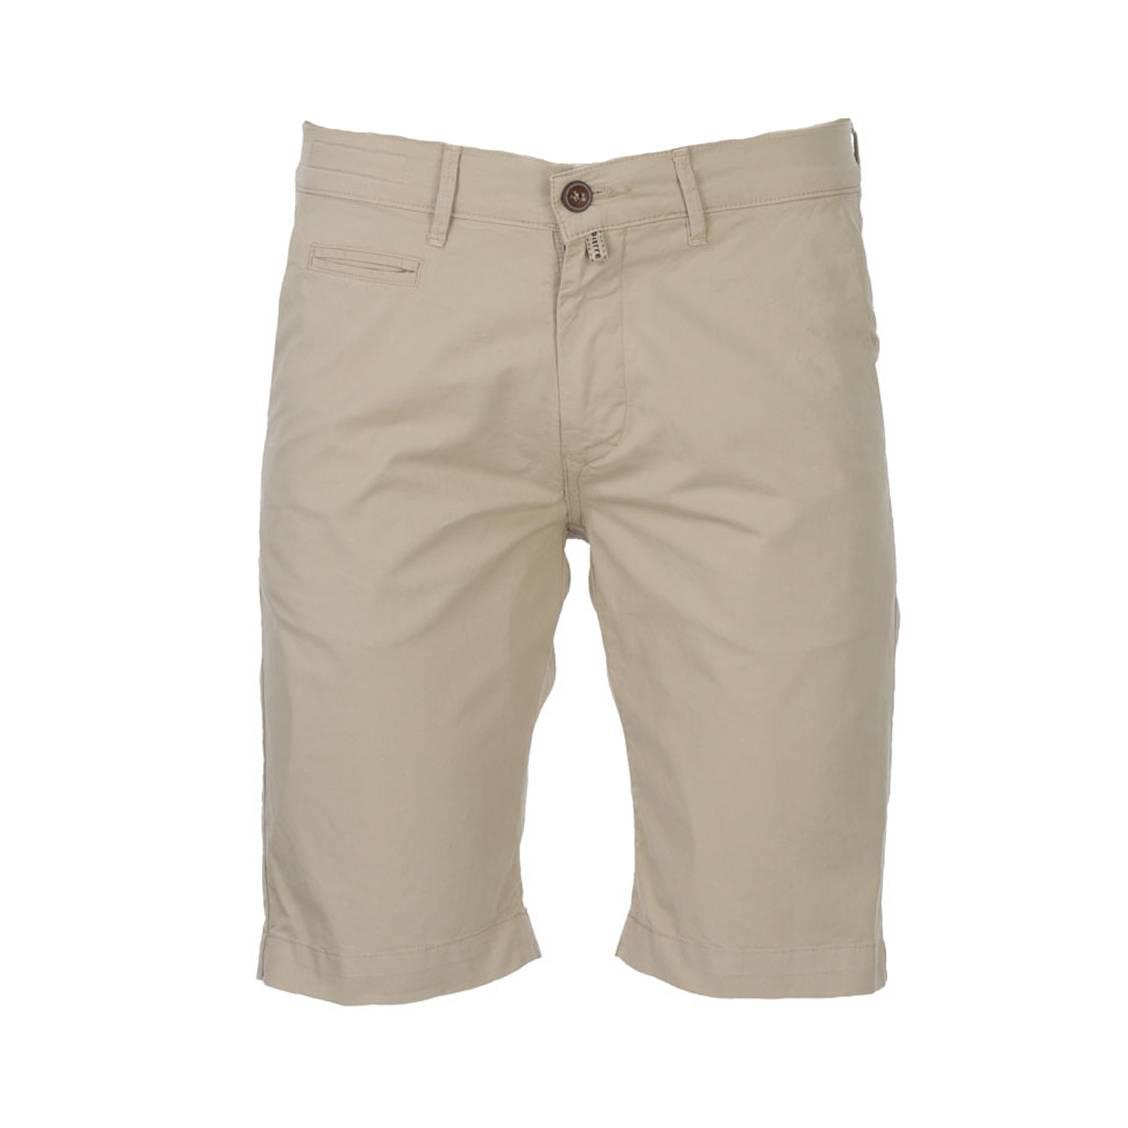 Short chino  lyon en coton stretch beige